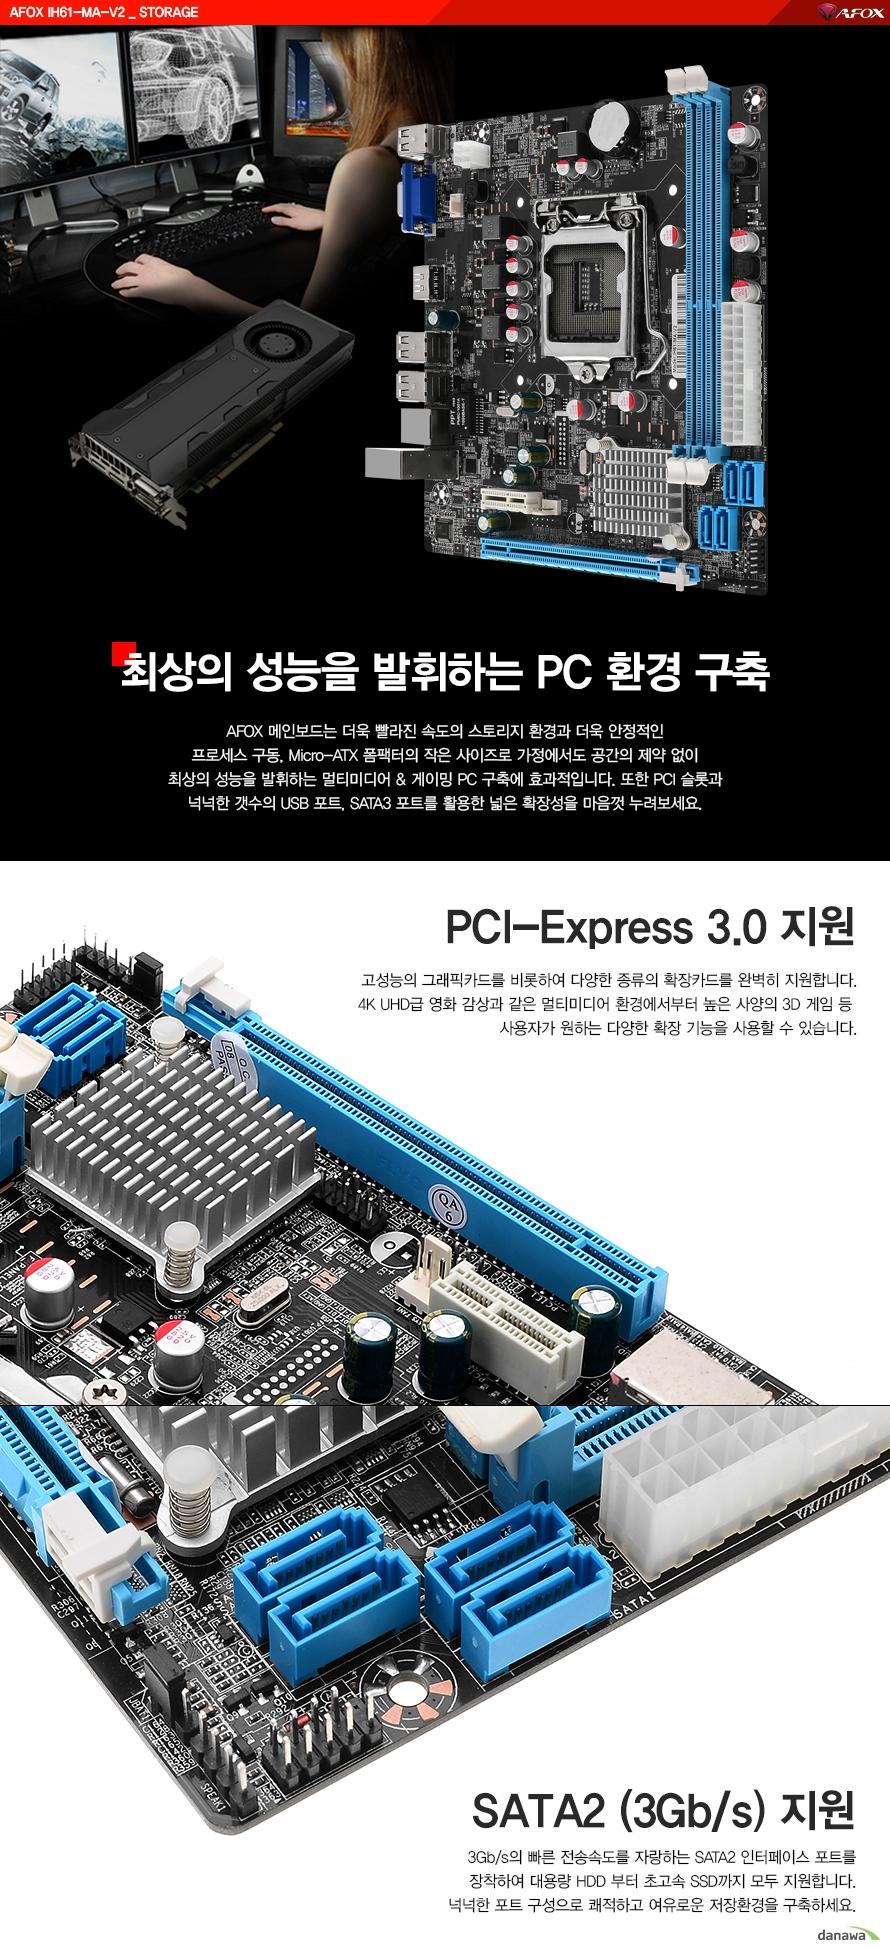 최상의 성능을 발휘하는 PC환경 구축AFOX 메인보드는 더욱 빨라진 속도의 스토리지 환경과 더욱 안정적인 프로세스 구동및 MICRO ATX 폼팩터의작은 사이즈로 가정에서도 공간의 제약 없이 최상의 성능을 발휘하는 멀티미디어와 게이밍 PC구축에 효과적입니다. 또한 PCI 슬롯과 넉넉한 갯수의 USB포트 그리고 SATA3포트를 활용한 넓은 확장성을마음껏 누려보세요.PCI 익스프레스 3.0 지원고성능의 그래픽카드를 비롯하여 다양한 종류의 확장카드를 완벽히 지원합니다.4K UHD급 영화감상과 같은 멀티미디어 환경에서부터 높은 사양의 3D게임 등 사용자가원하는 다양한 확장 기능을 사용할 수 있습니다.SATA2 지원3기가바이트의 빠른 전송속도를 자랑하는 SATA2인터페이스 포트를 장착하여 대용량 HDD부터 초고속SSD까지 모두 지원합니다. 넉넉한 포트 구성으로 쾌적하고 여유로운 저장환경을 구축하세요.